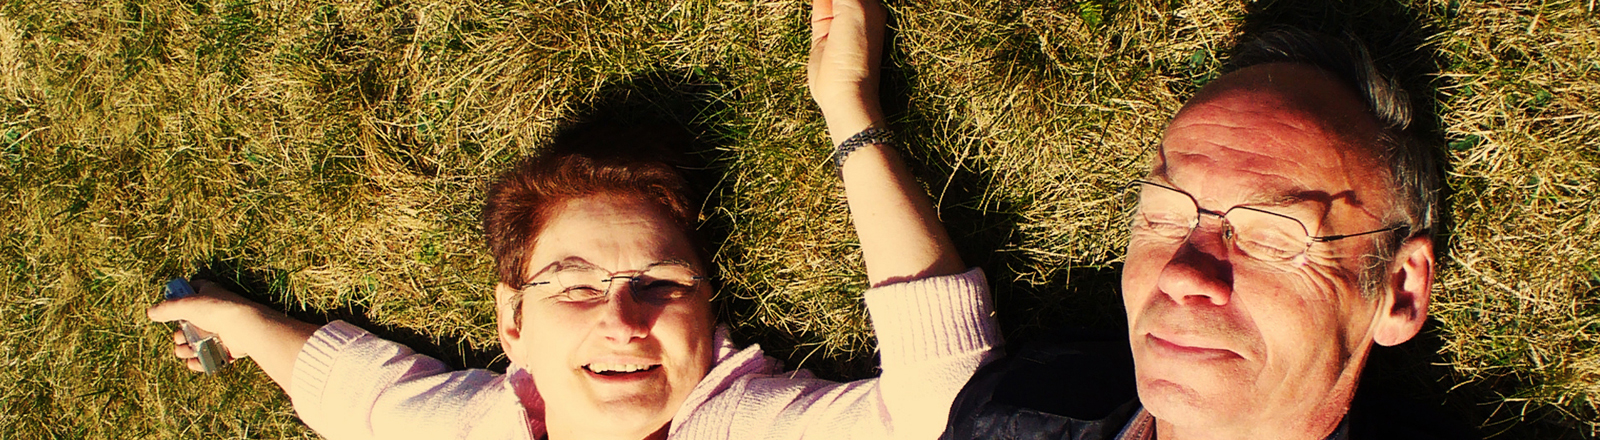 Ein älteres Paar liegt im Gras